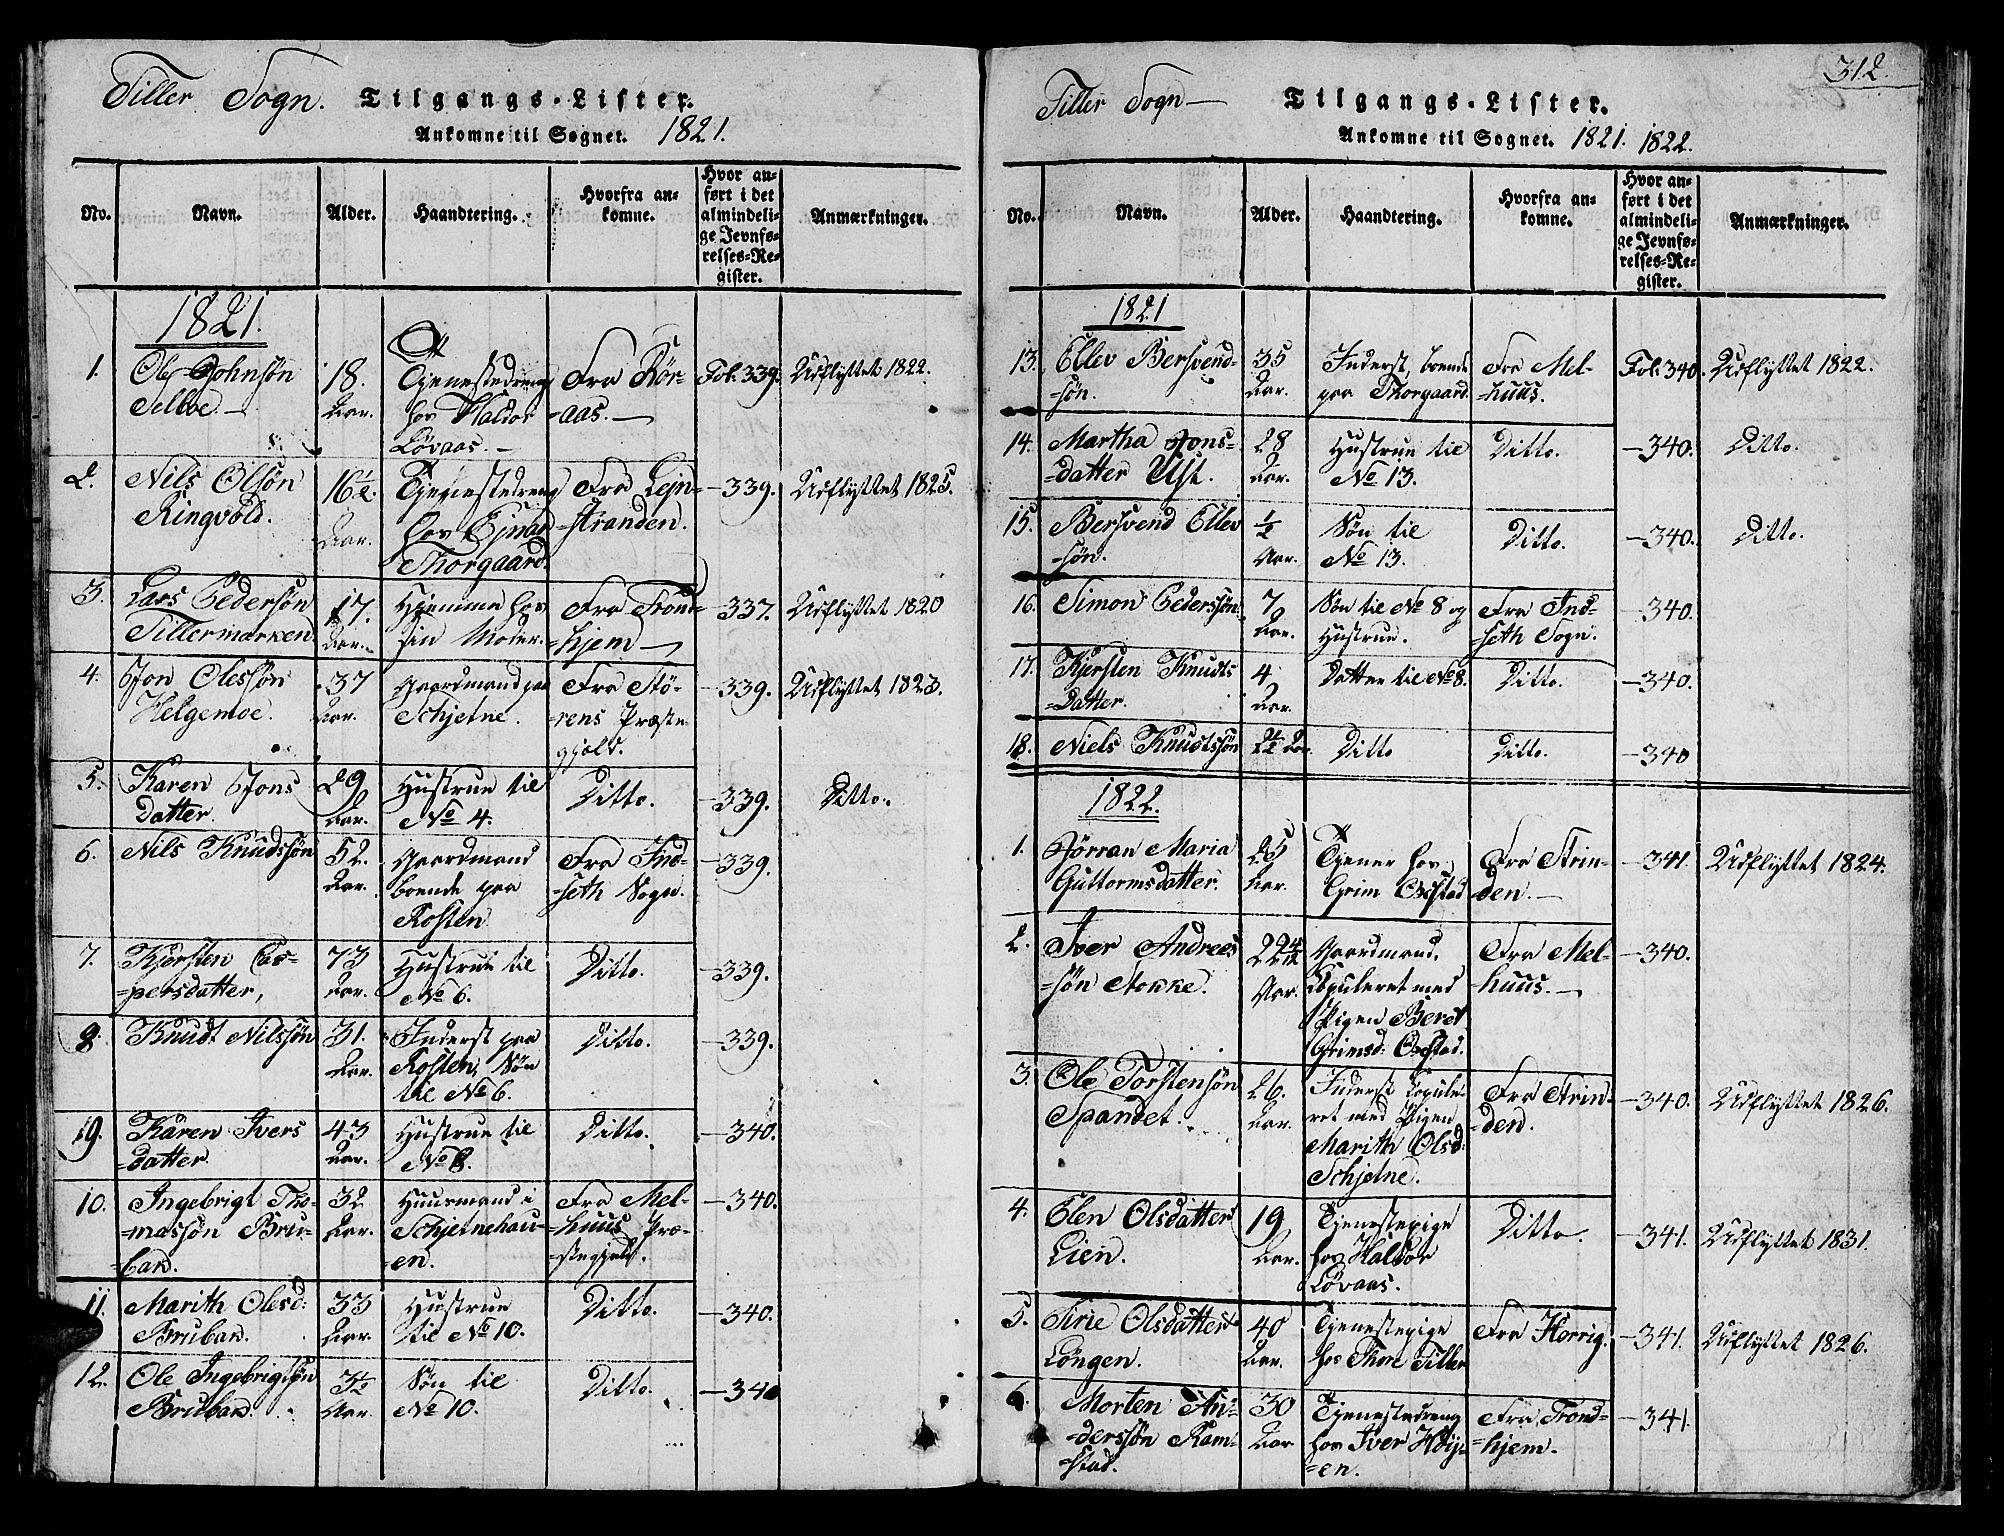 SAT, Ministerialprotokoller, klokkerbøker og fødselsregistre - Sør-Trøndelag, 621/L0458: Klokkerbok nr. 621C01, 1816-1865, s. 312